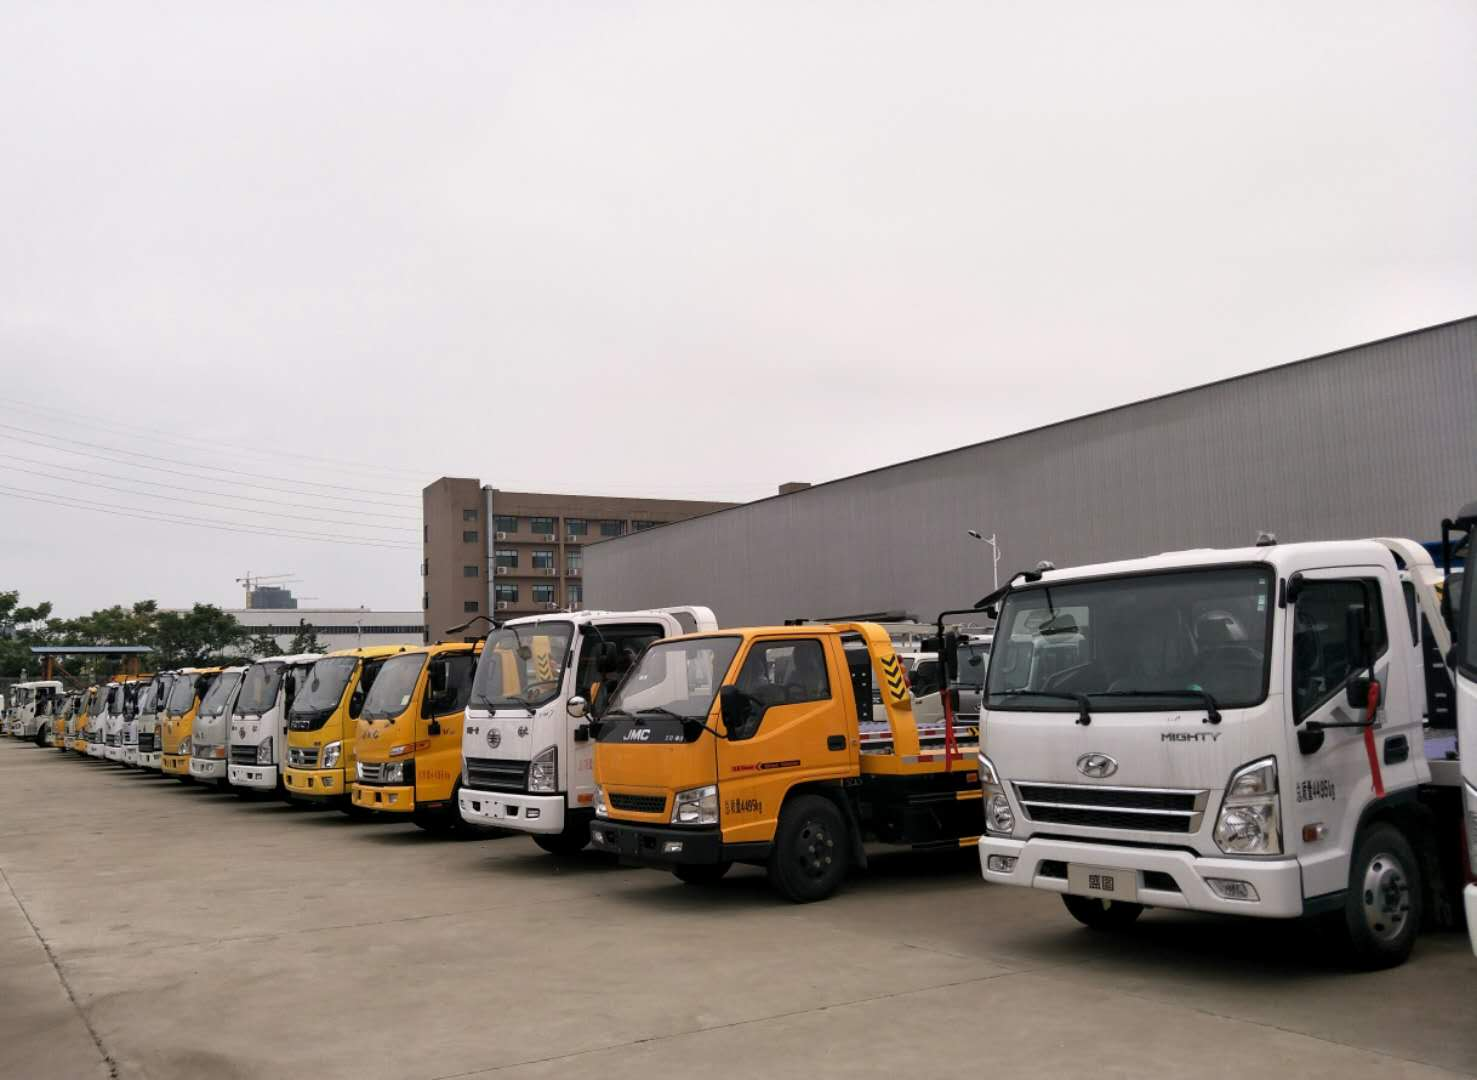 云南省玉溪市东风售后服务站地址和电话_东风清障车配置